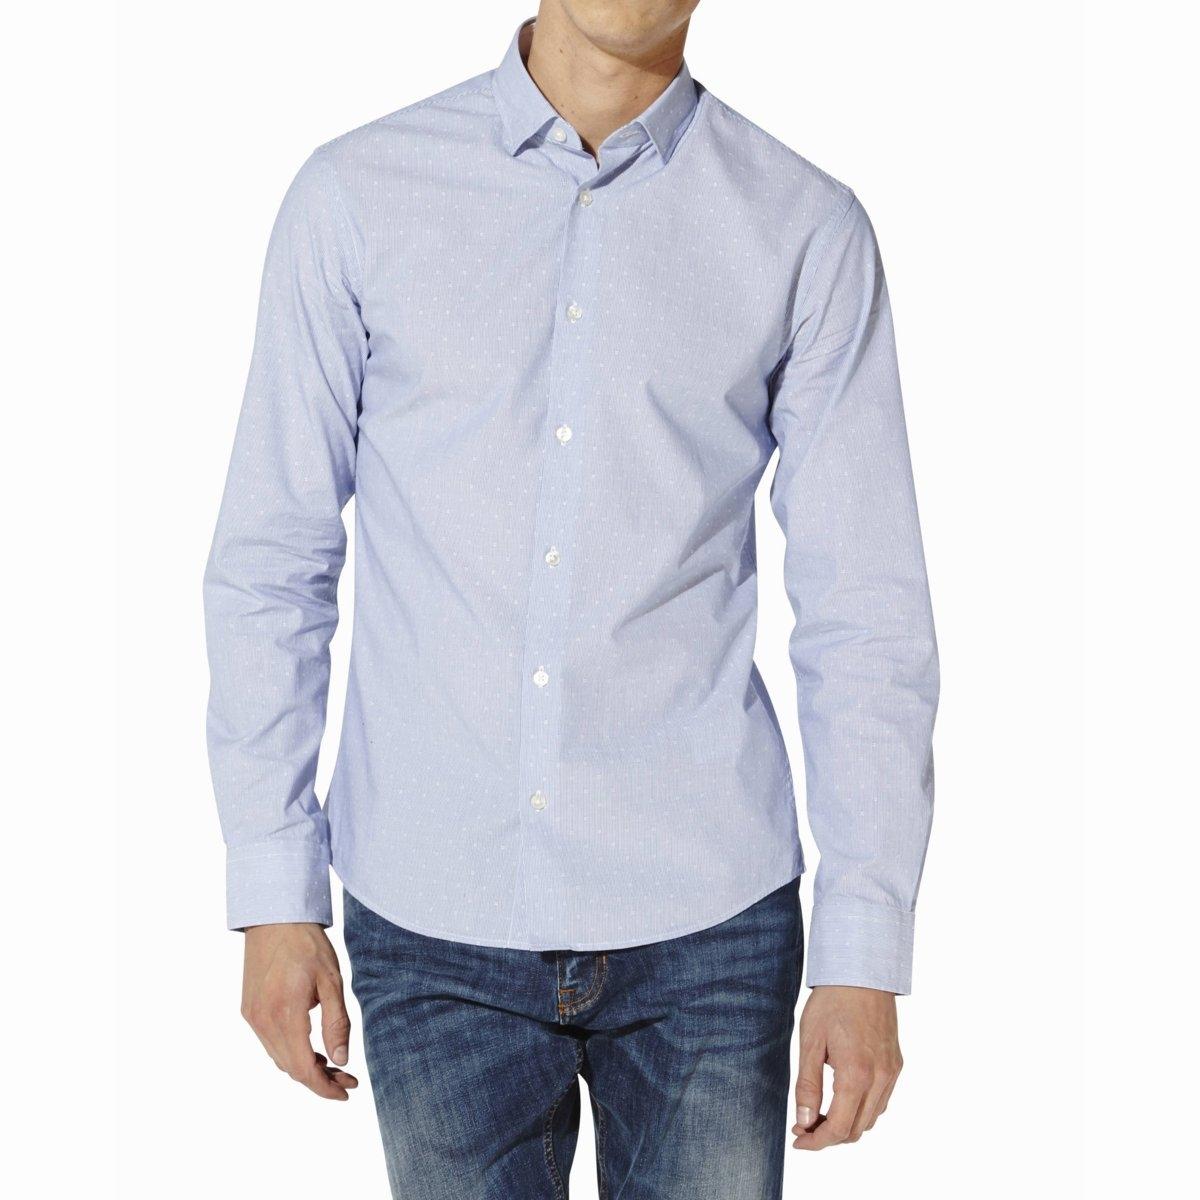 Рубашка CAITALIA, 100% хлопкаРубашка CAITALIA - CELIO. С ложным плетёным узором в том же цвете. Длинные рукава. Свободные уголки воротника. Низ рукавов с пуговицами. Закругленный низ. Рубашка, 100% хлопка.<br><br>Цвет: синий<br>Размер: XXL